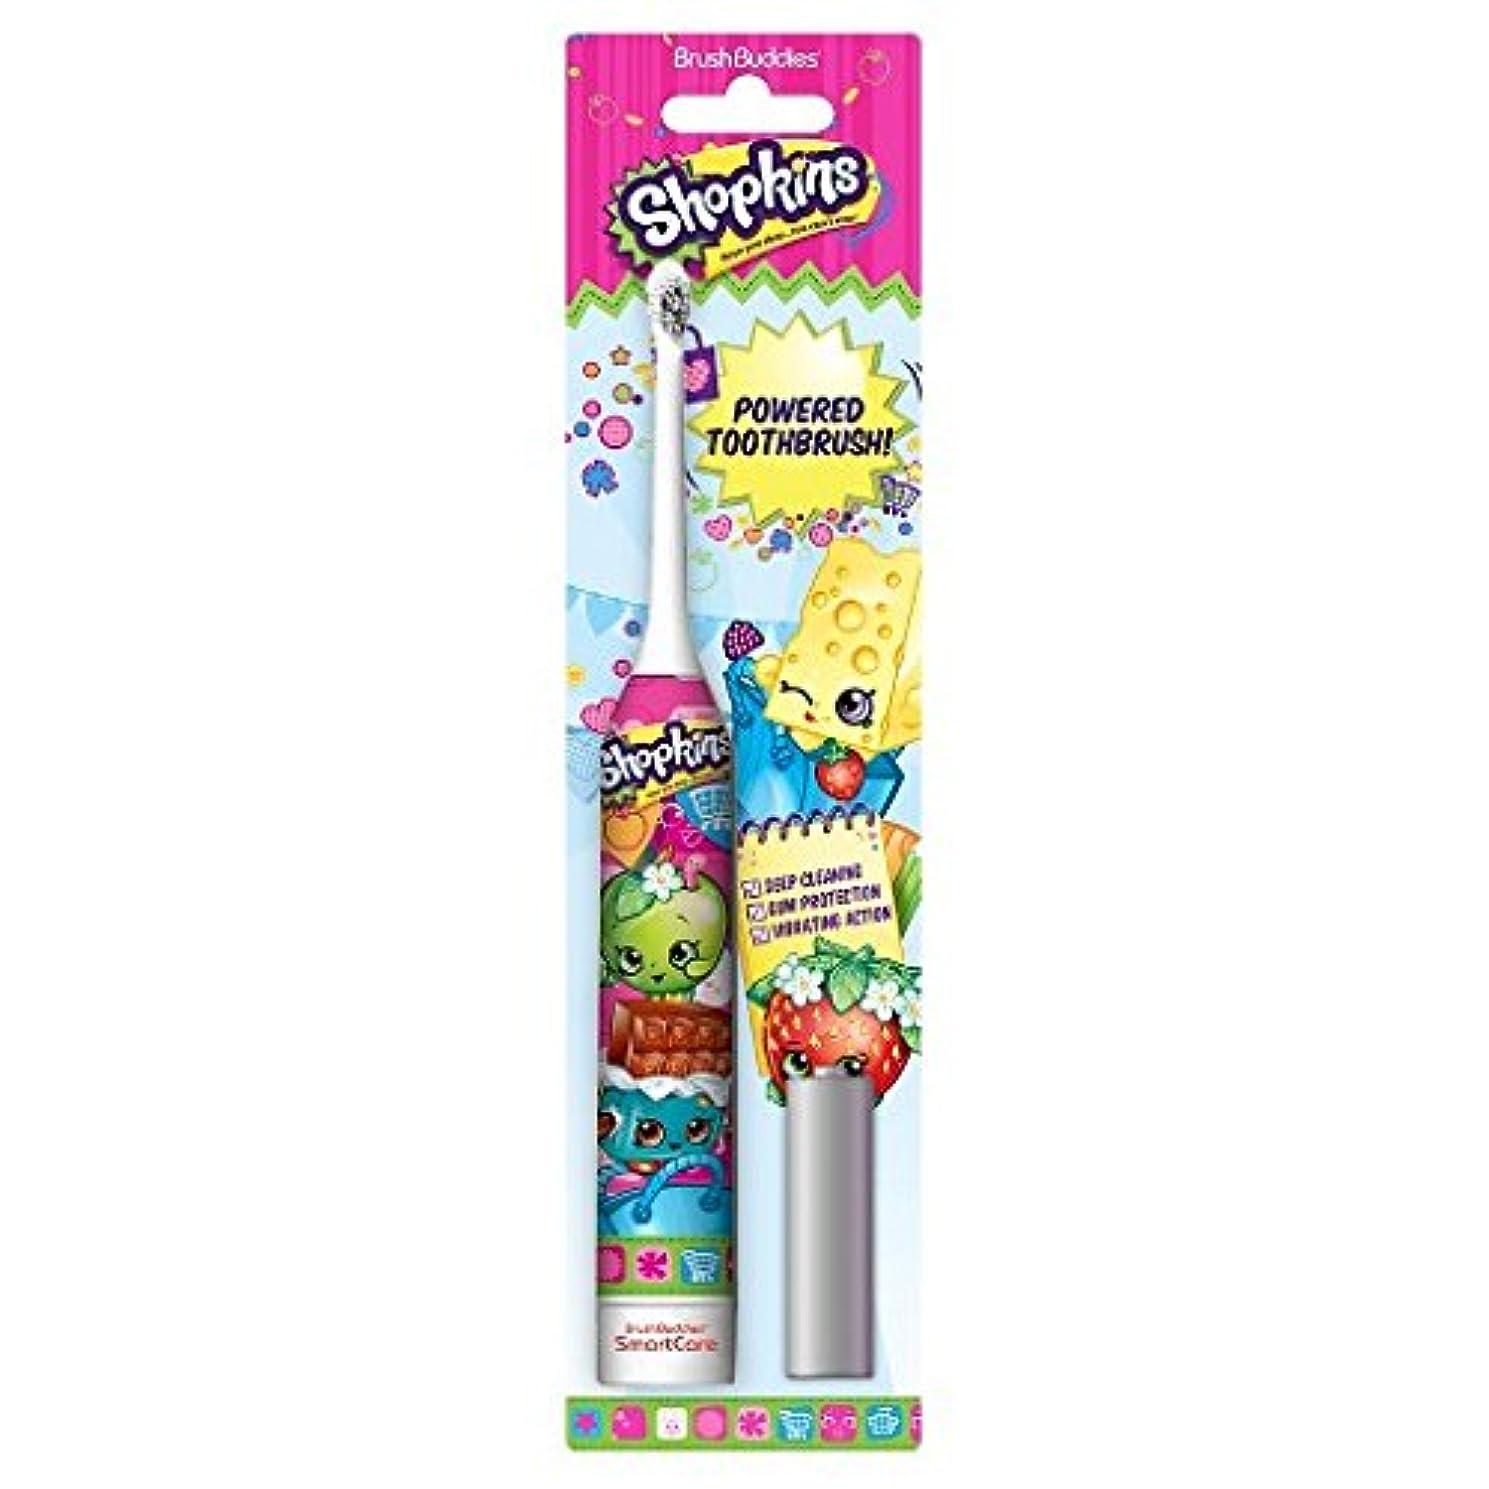 退屈急行する全国Brush Buddies Shopkins Sonic Powered Toothbrush ソニックパワード電動歯ブラシ [並行輸入品]